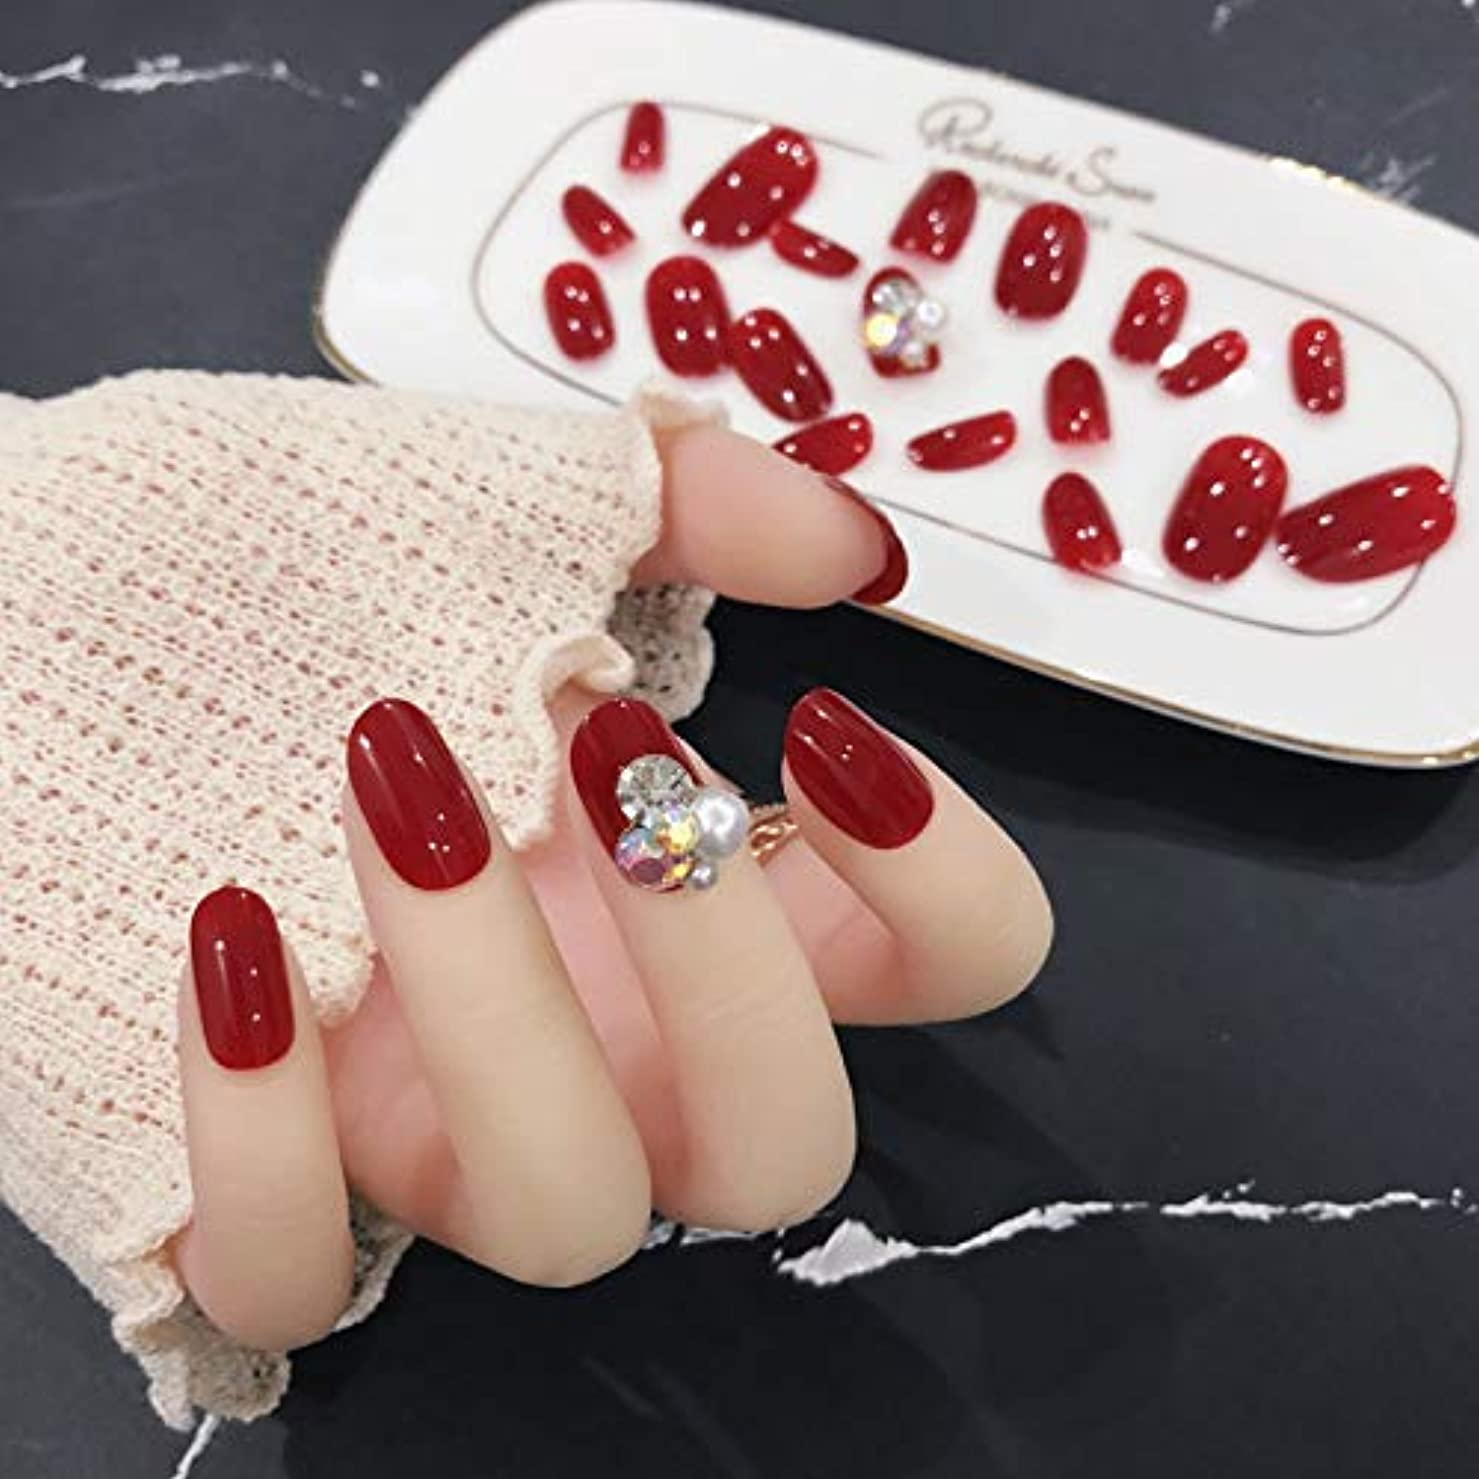 取る頭前件24枚純色付け爪 合成ダイヤモンド、パール装飾 ネイル貼るだけネイルチップ お花嫁付け爪